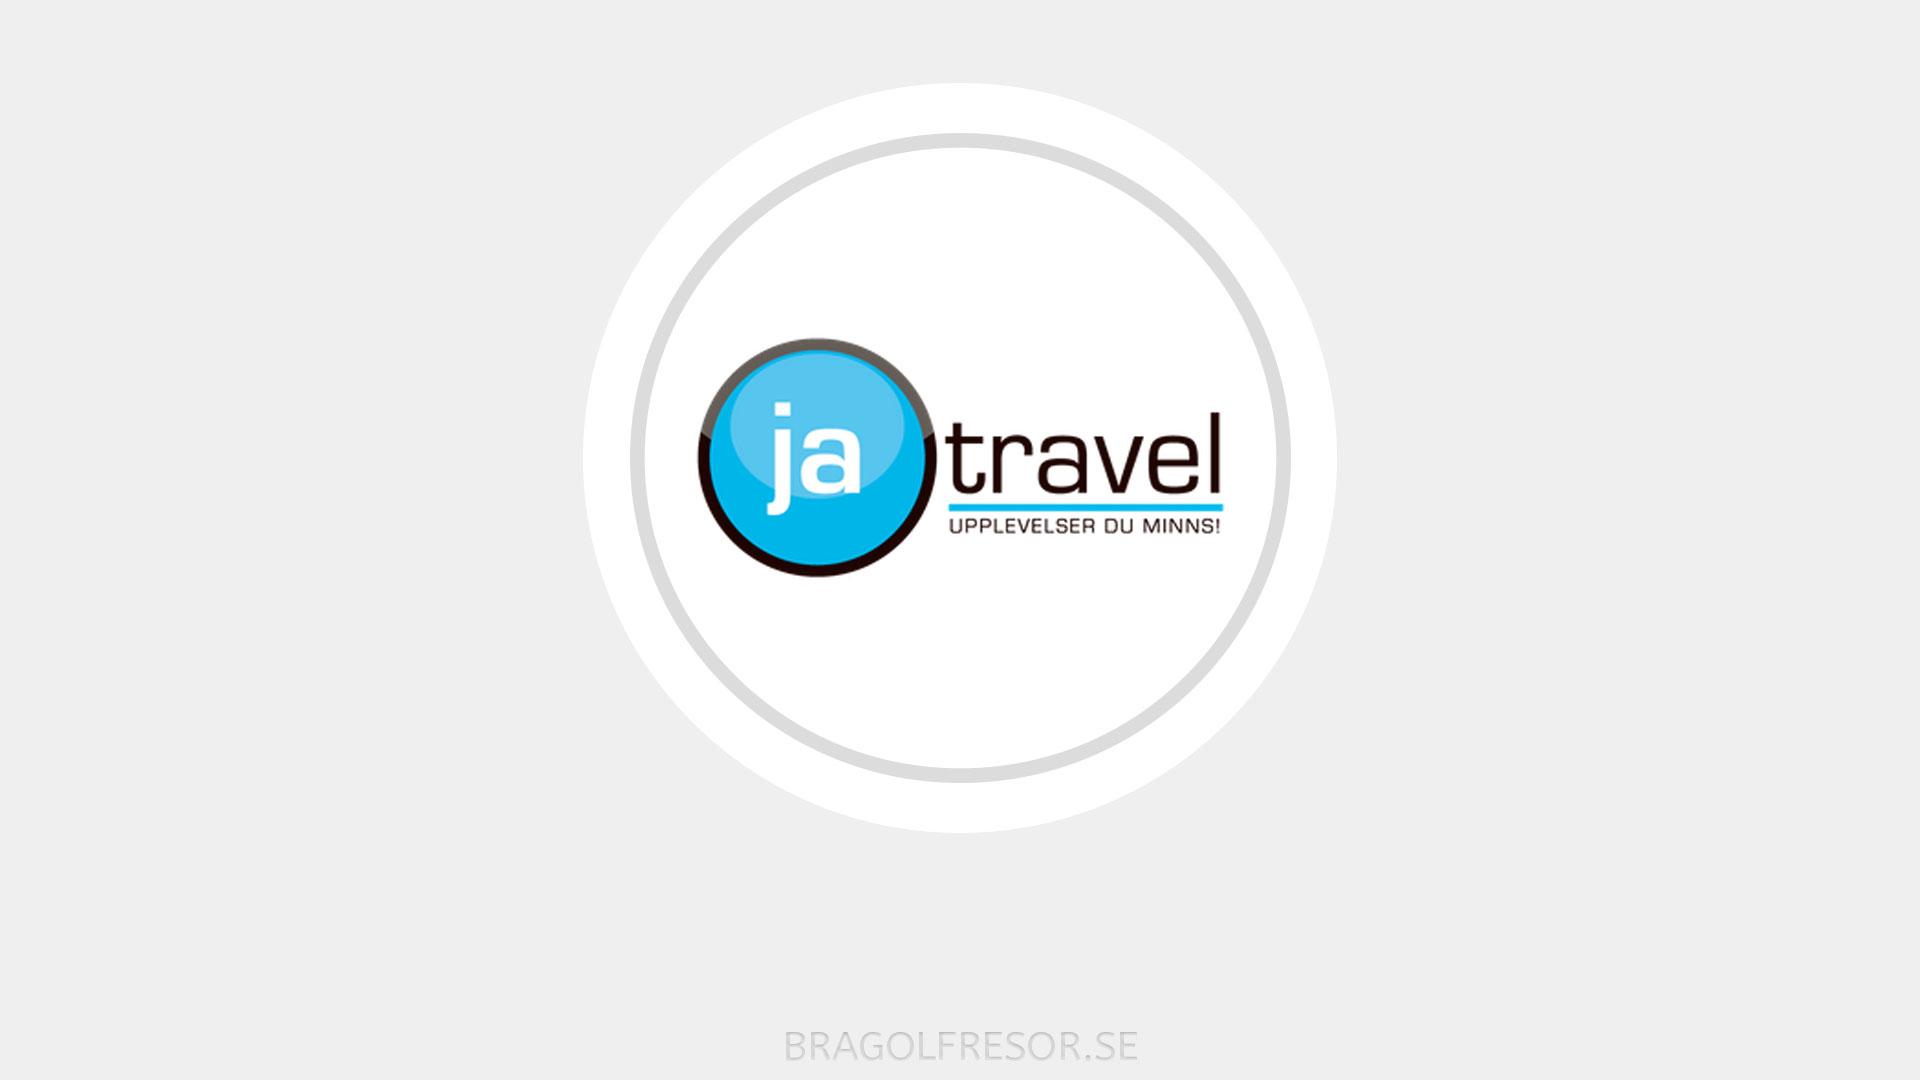 ja travel AB